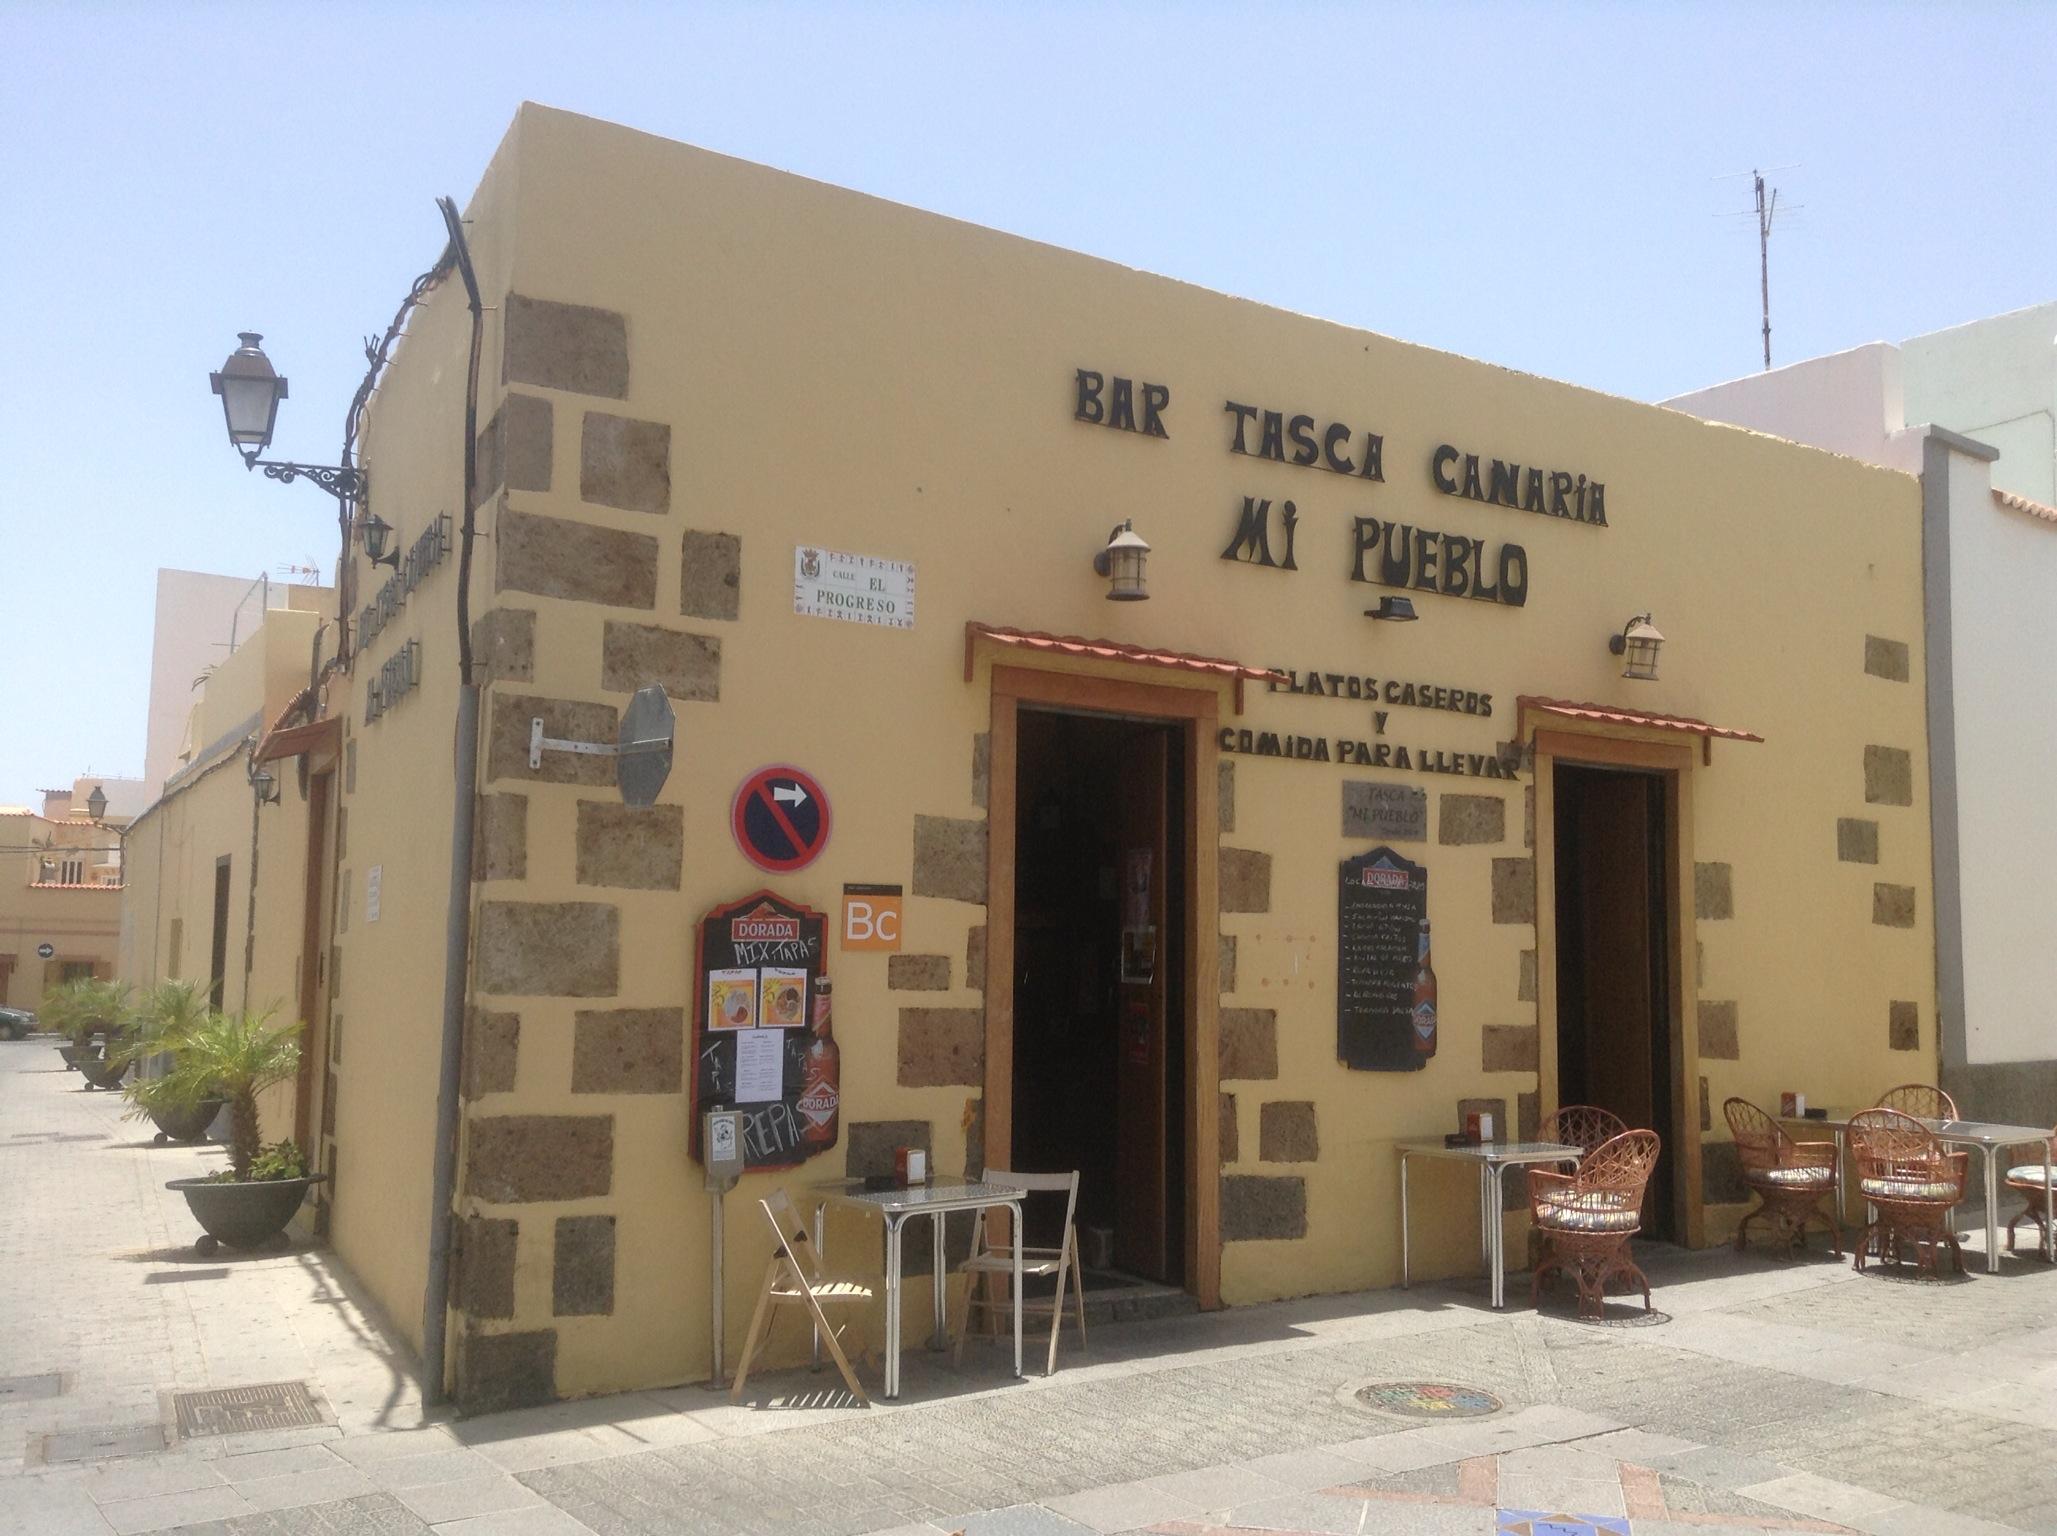 Especialidad calderito for Cocina urbana canaria